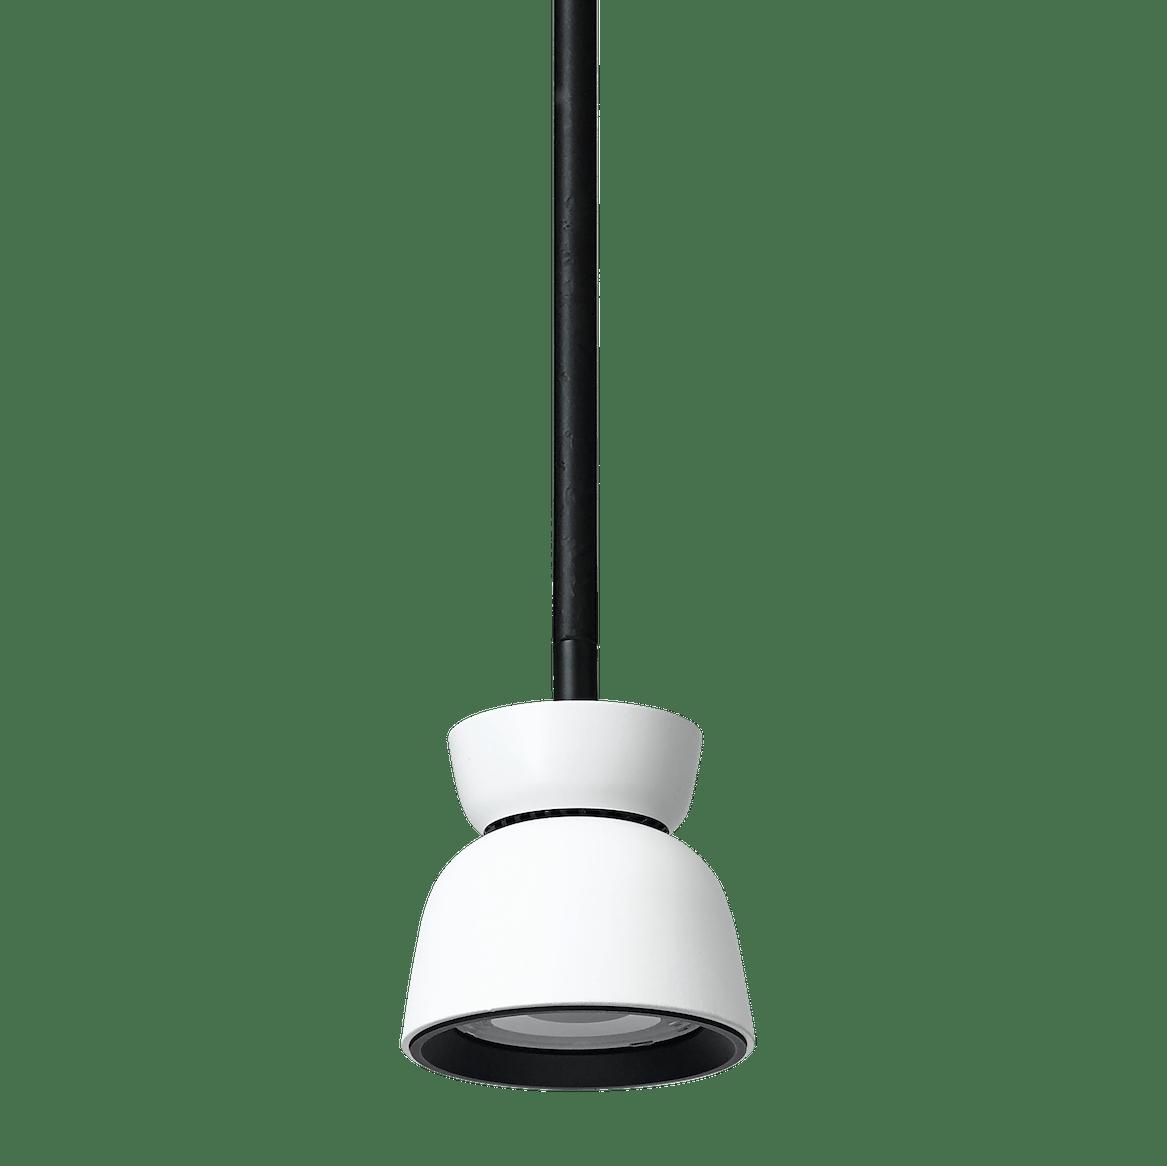 Ago lighting bell pendant white down haute living